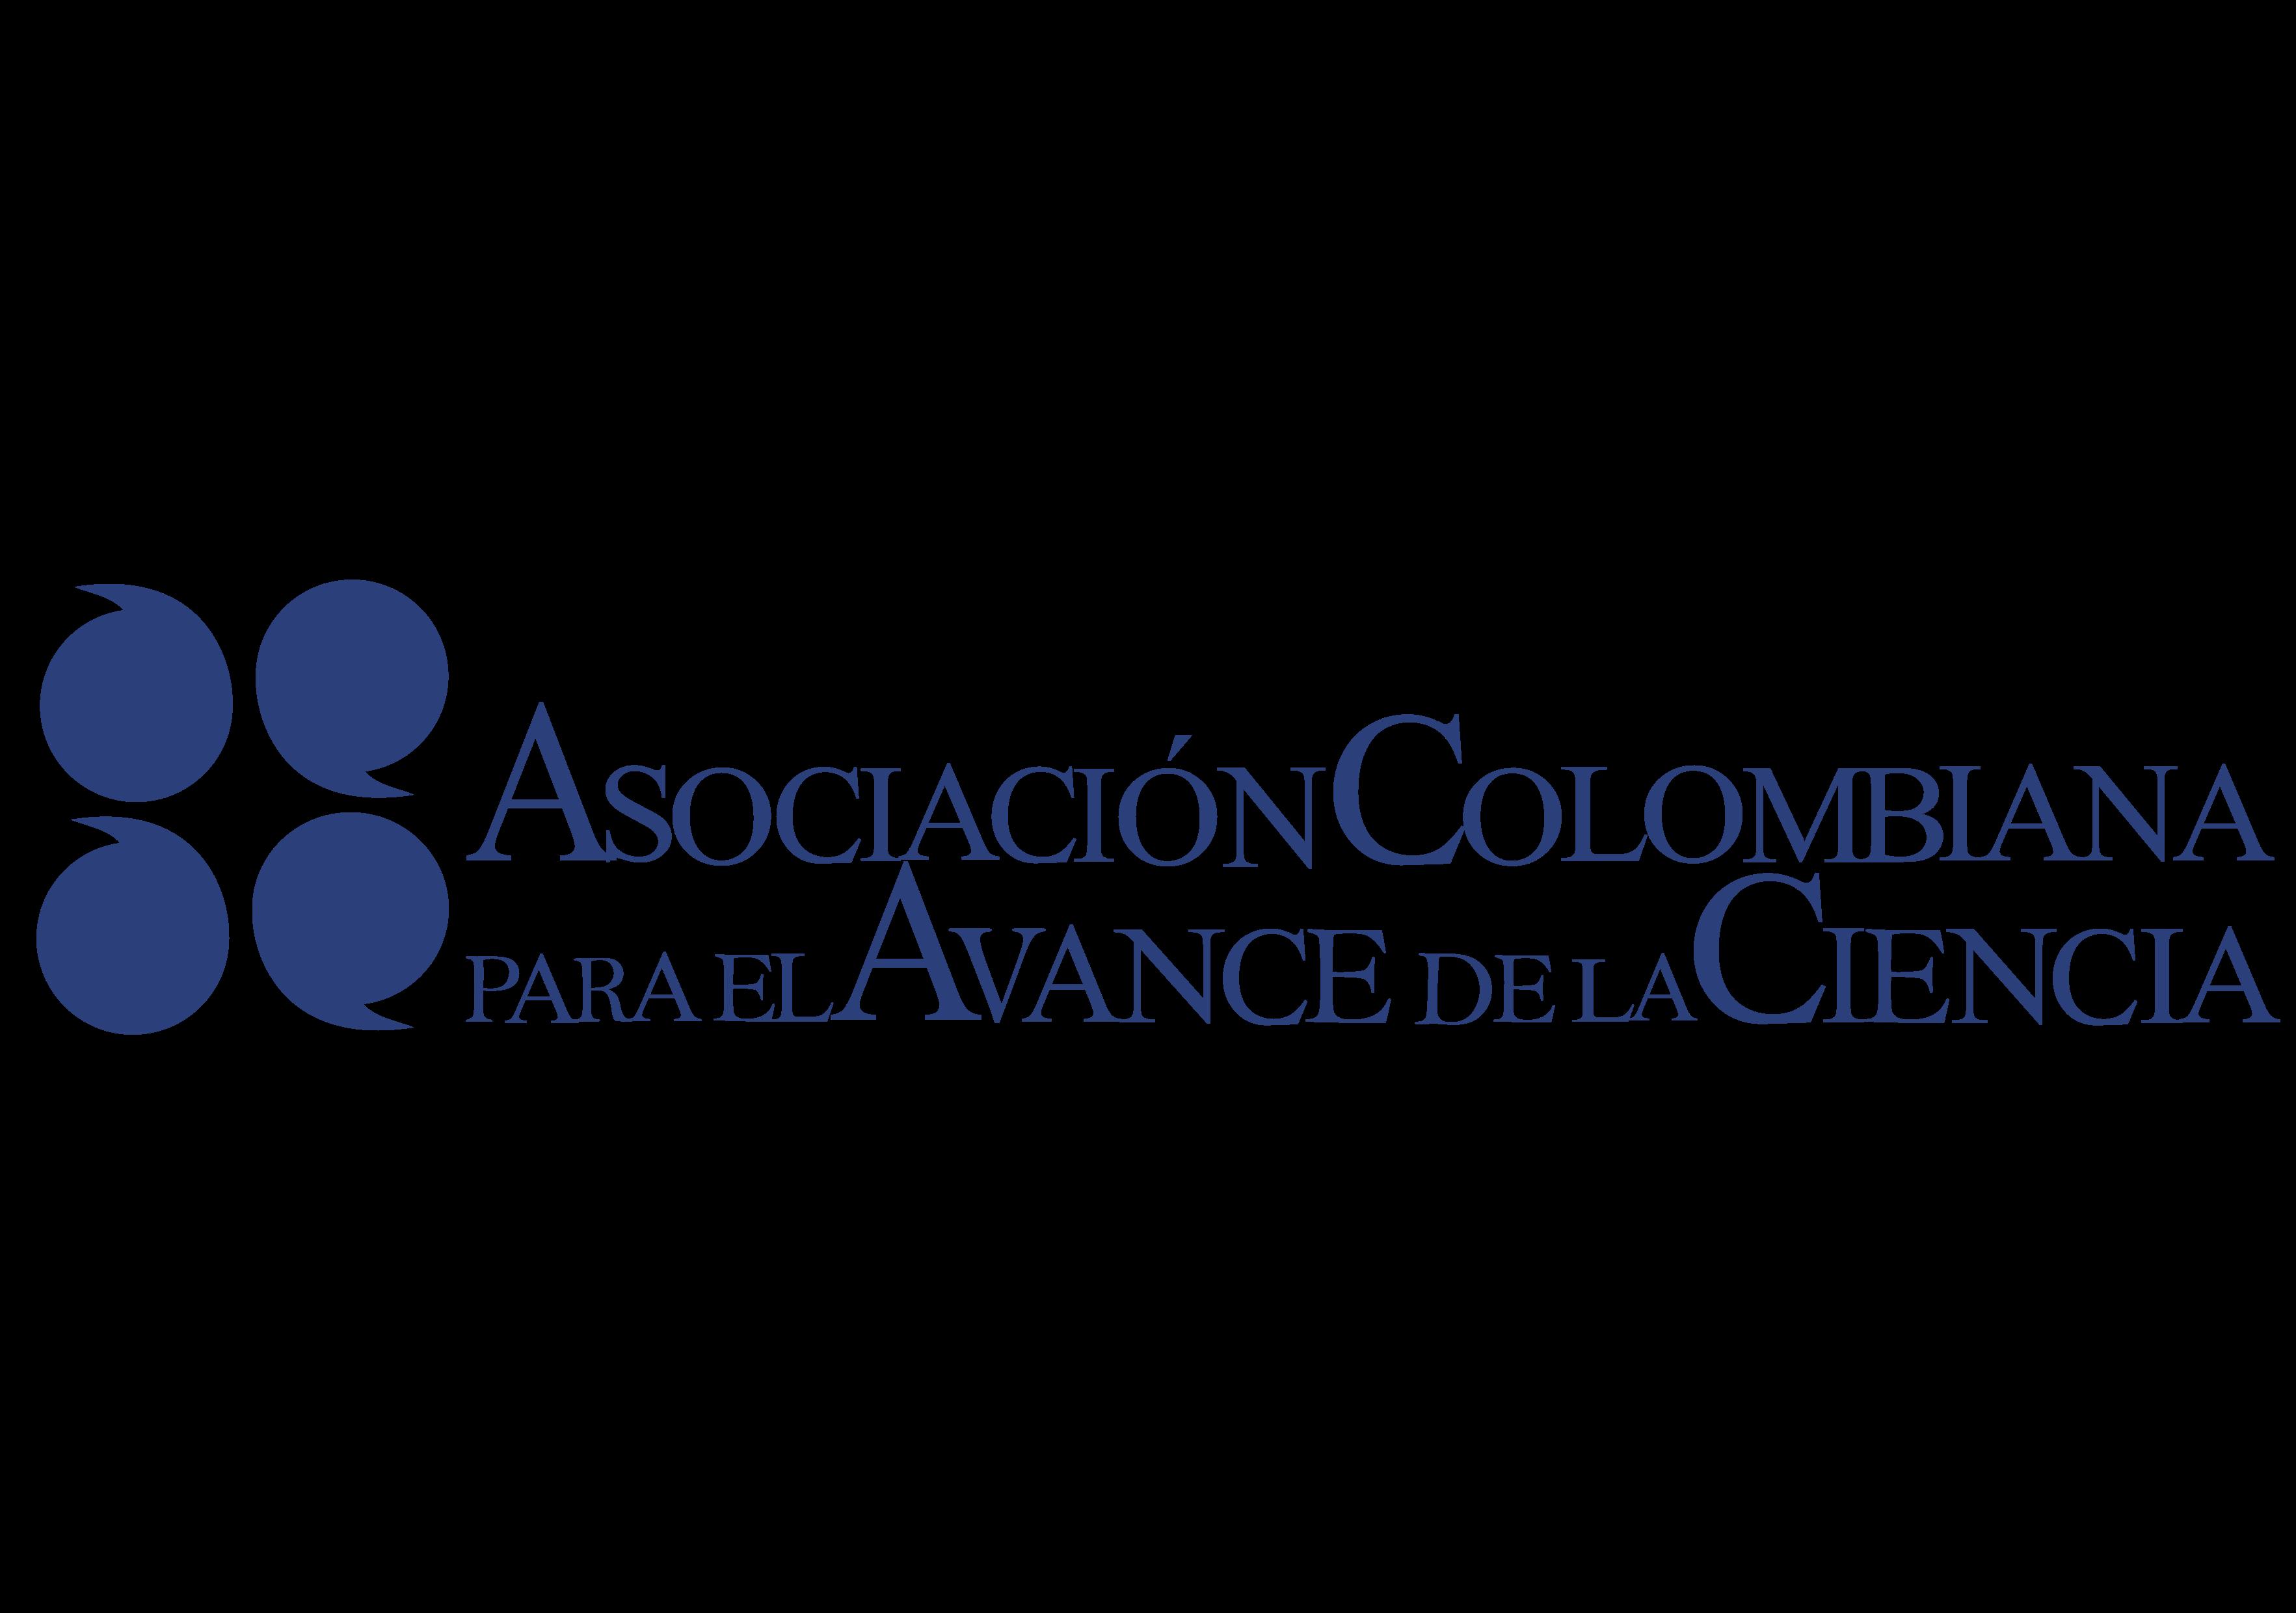 Associación Colombiana Para El Avance Della Ciencia